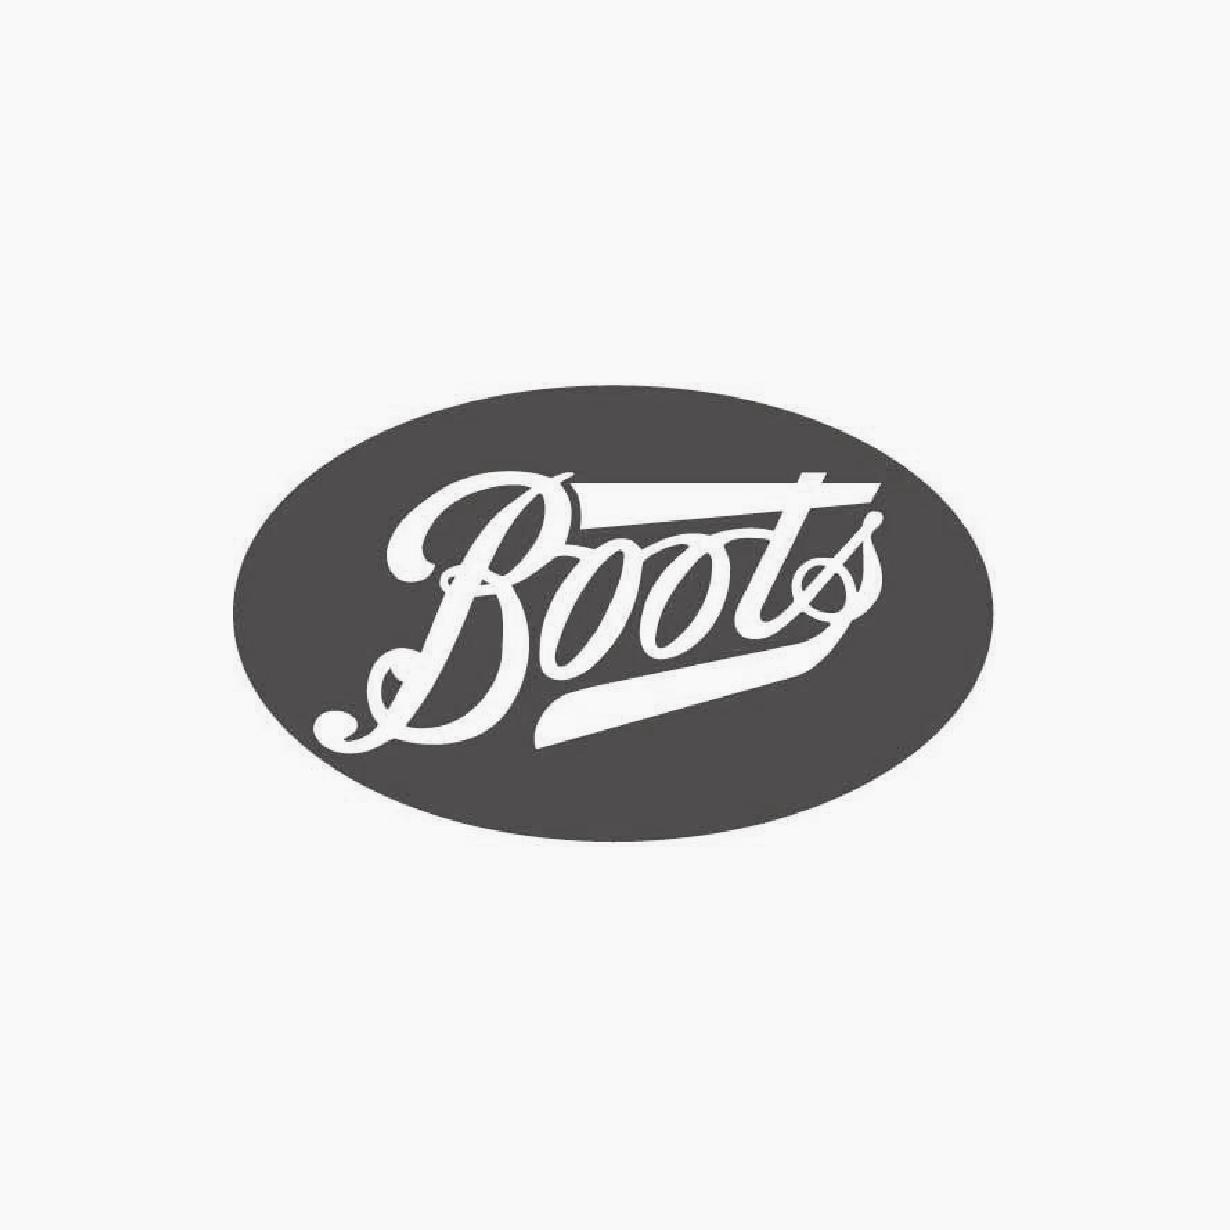 Logos 02 23 2017 25 25